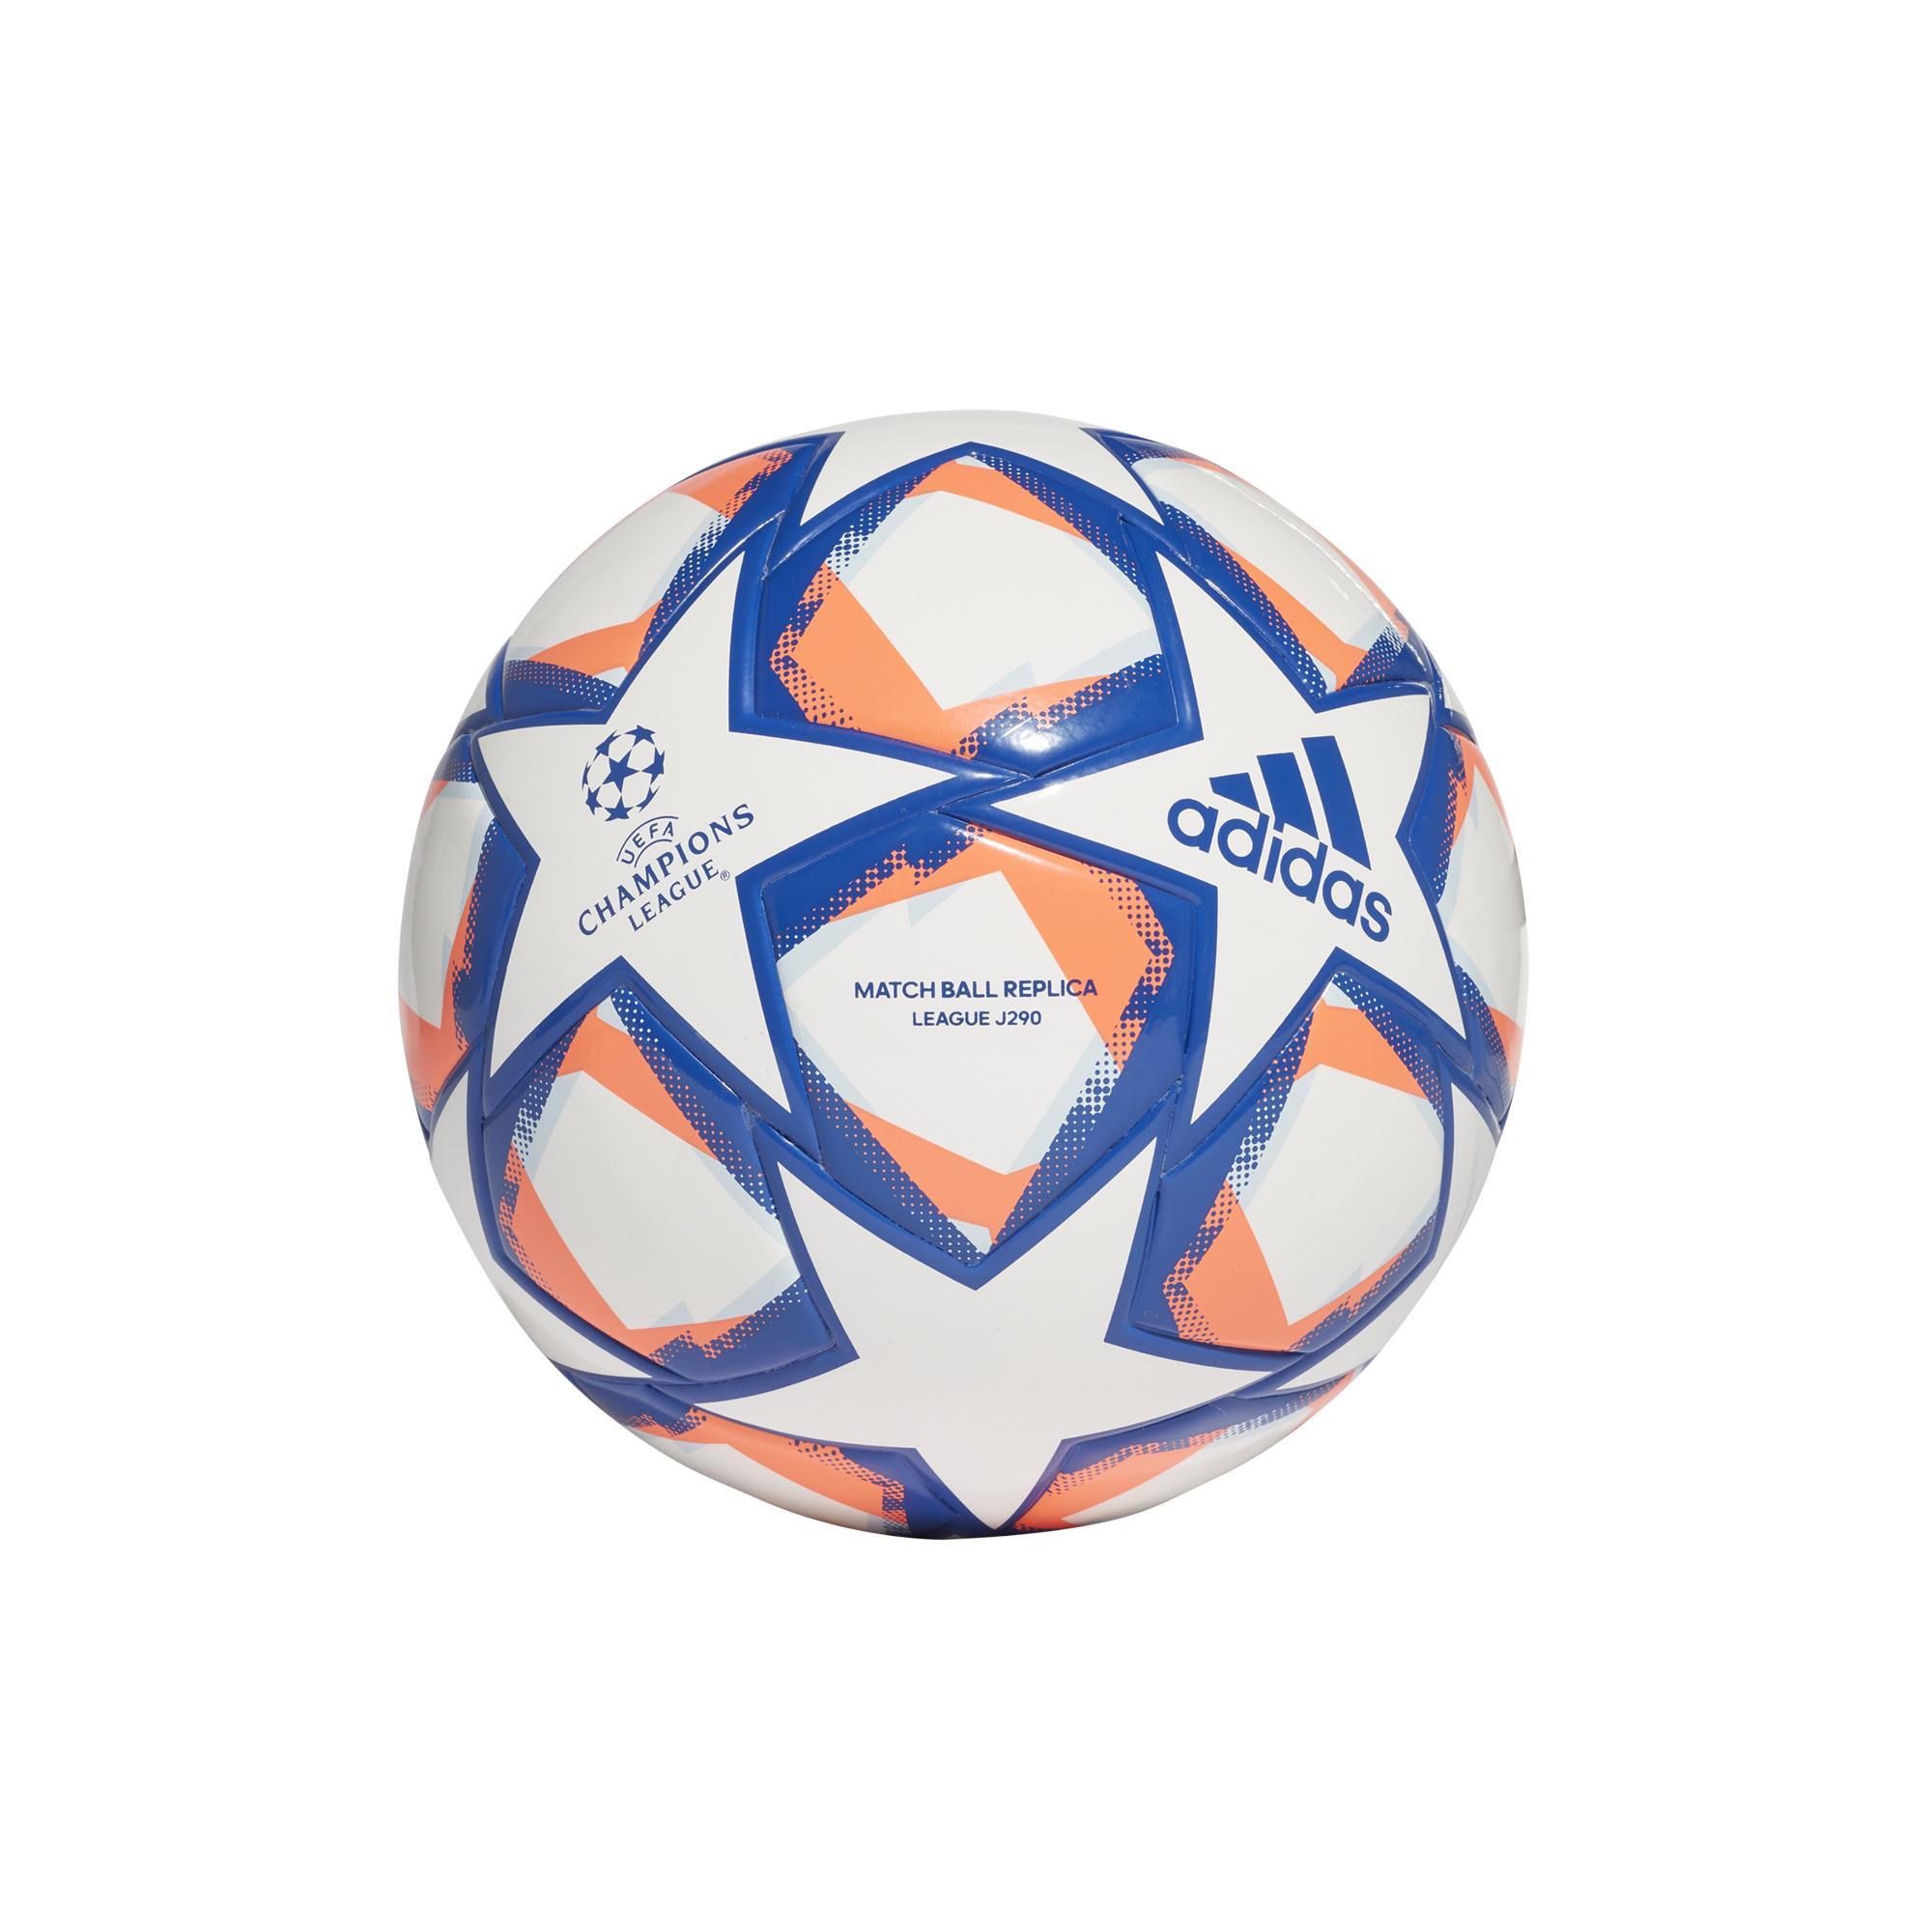 Adidas Pallone Finale 20 Lge J290